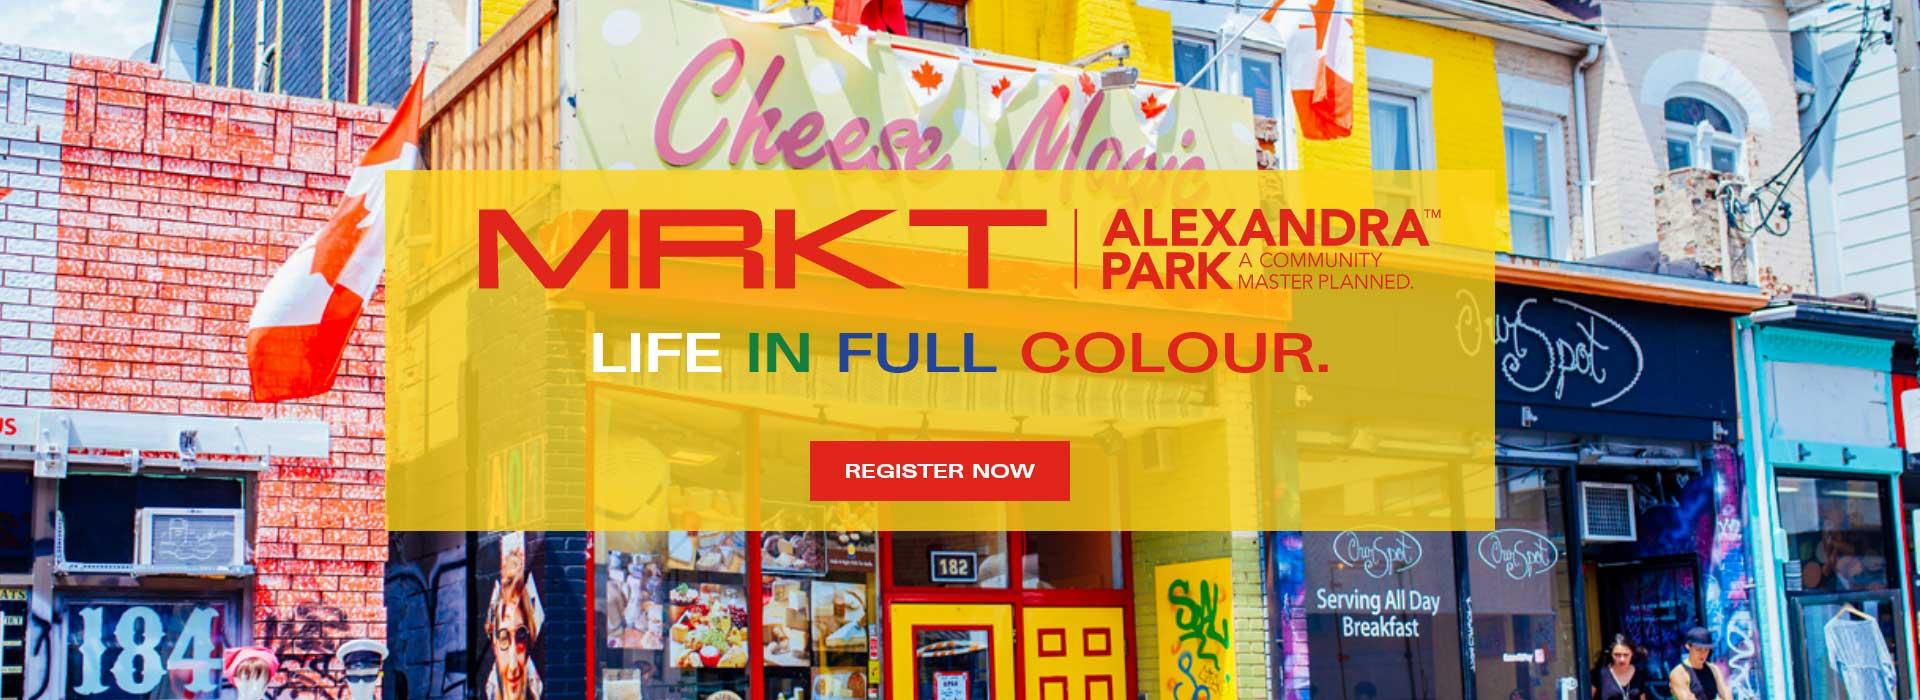 MRKT Alexandra Park - Coming Soon to Dundas and Spadina